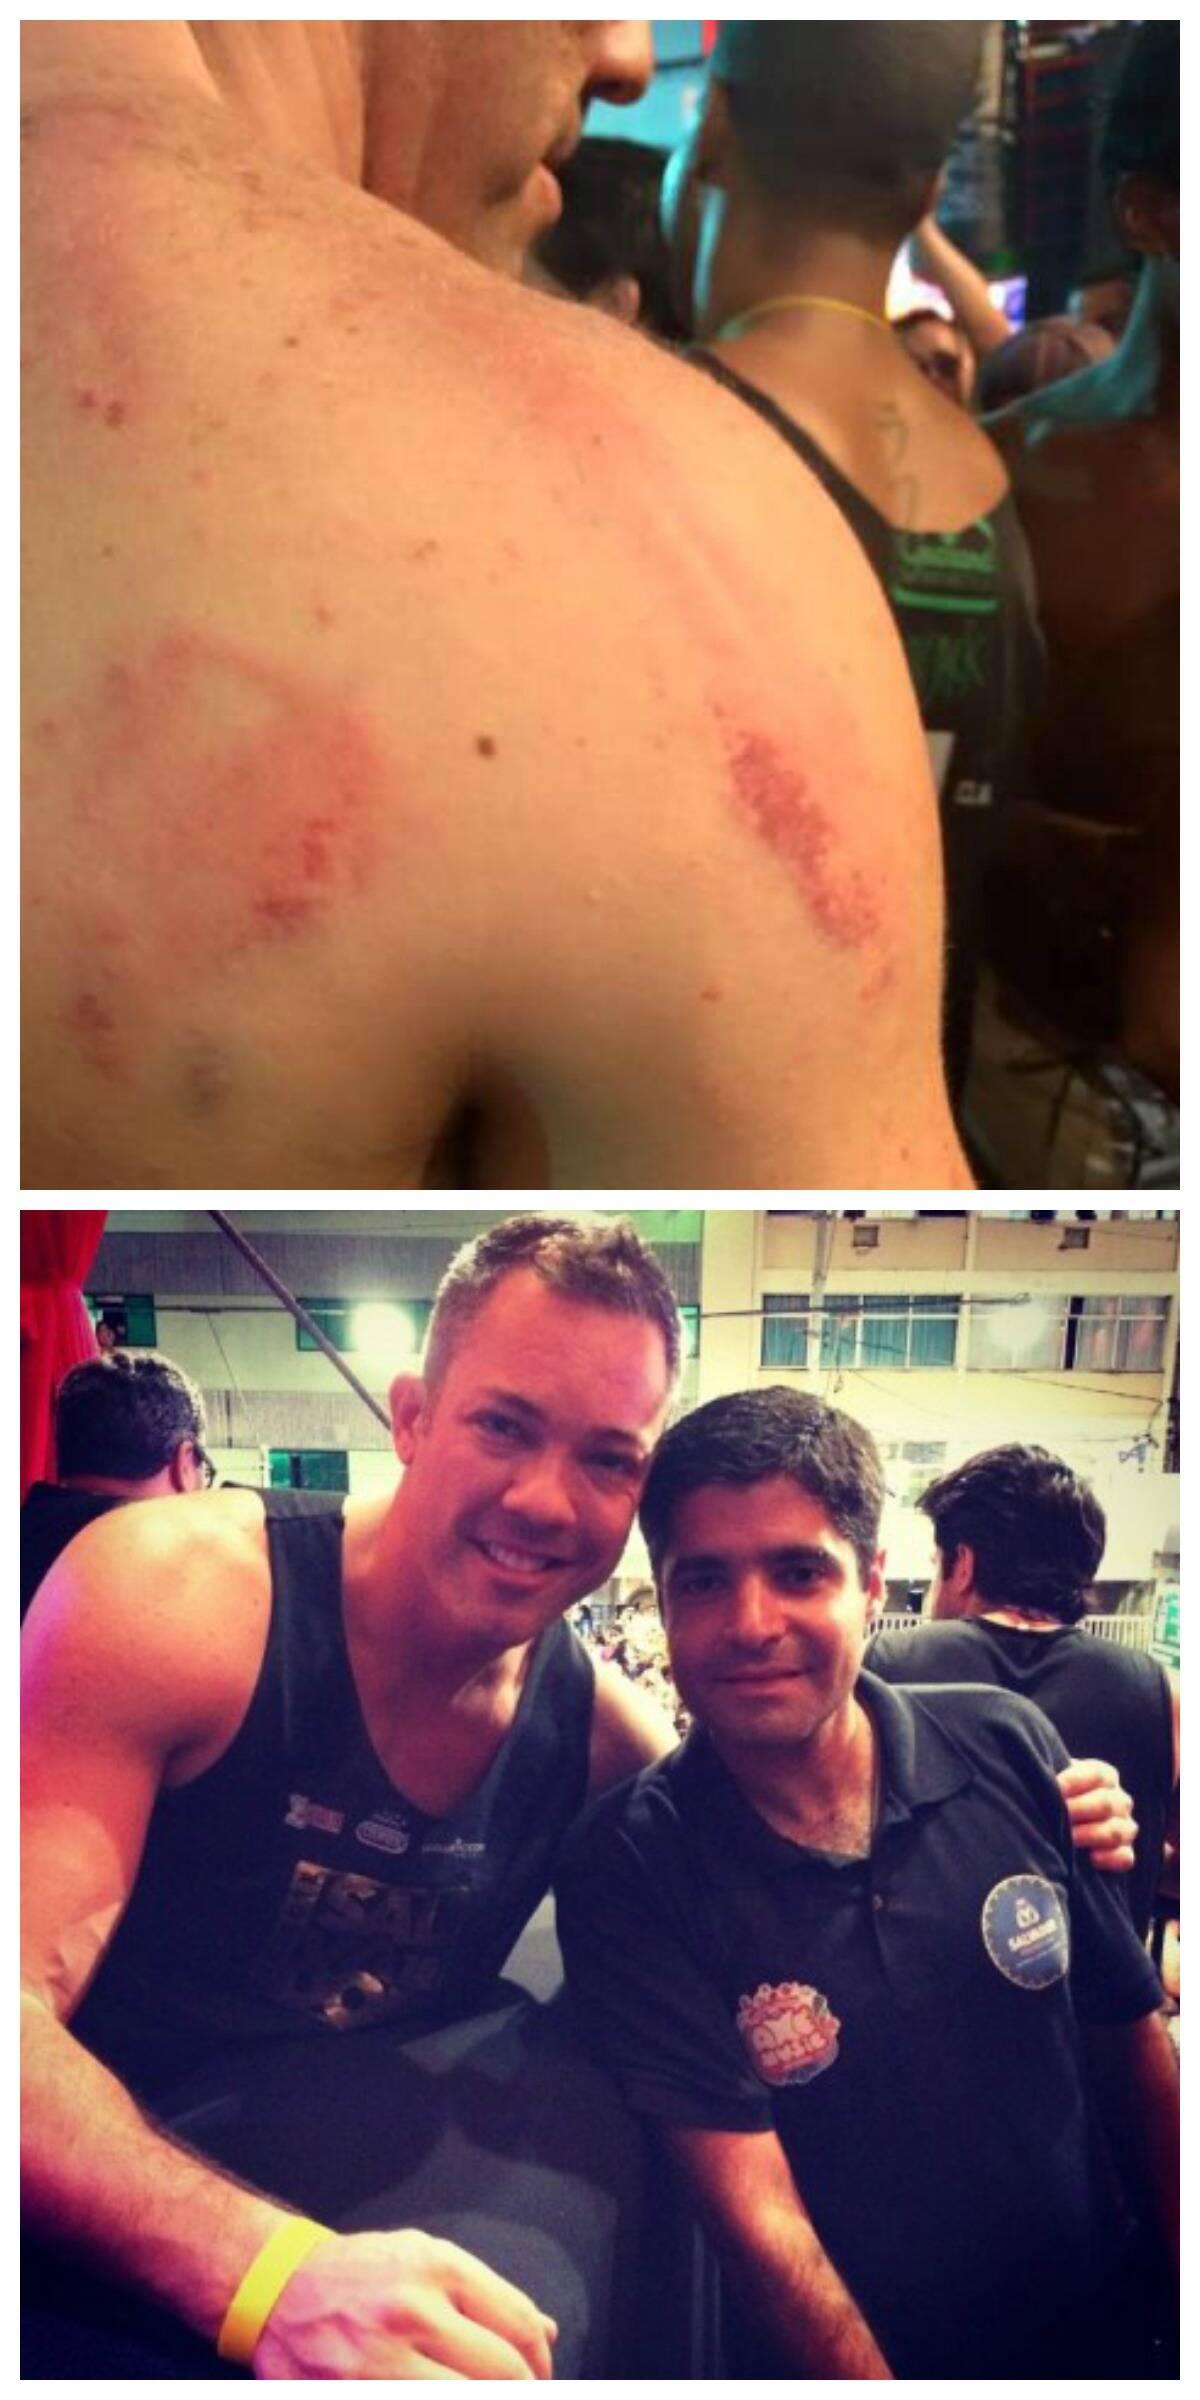 As costas de Leandro, no alto, marcadas pela violência; acima, ele com o prefeito Antônio Carlos Magalhães Neto, antes de acontecer o incidente / Fotos: reprodução da internet